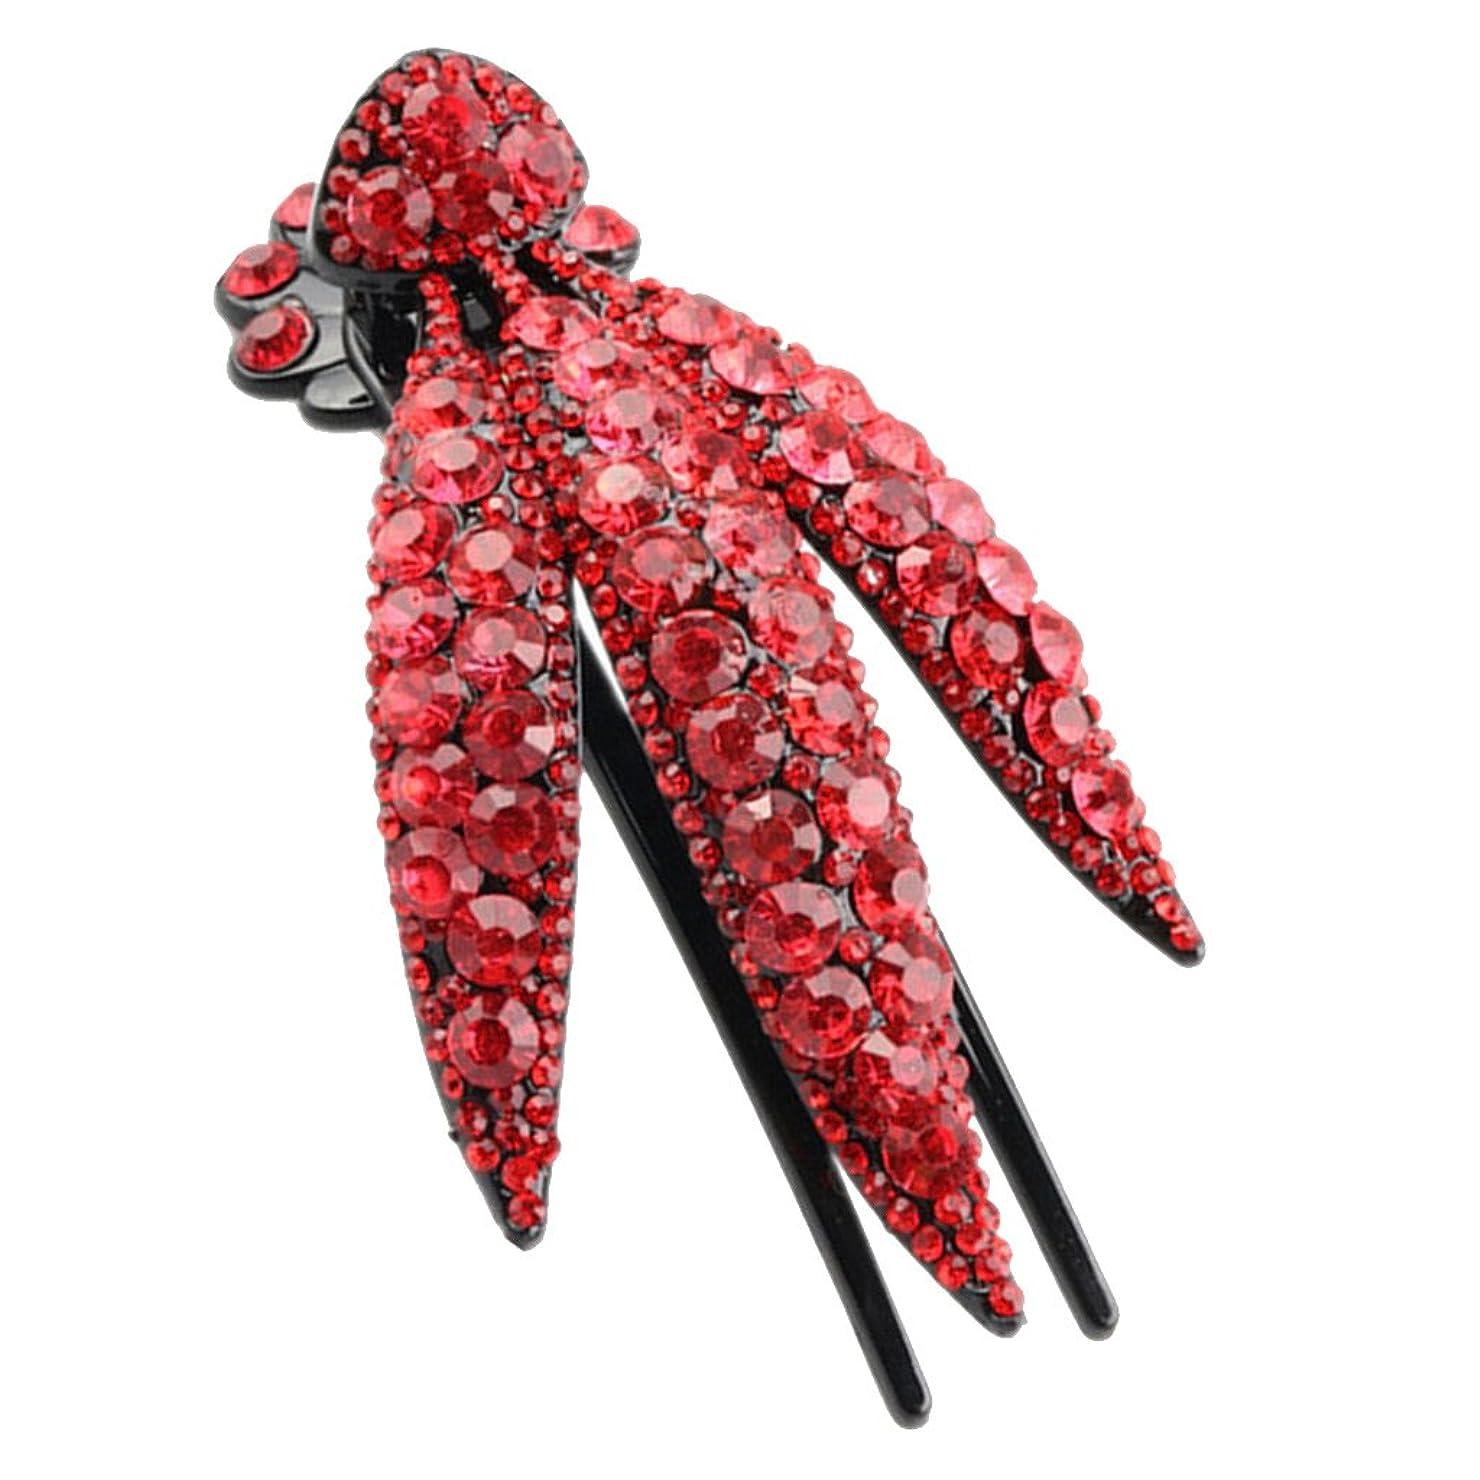 一廃止するバランスのとれたFenteer 髪飾り ラインストーン ヘアクリップ キラキラ 贈り物 全6色 女性 便利  - 赤